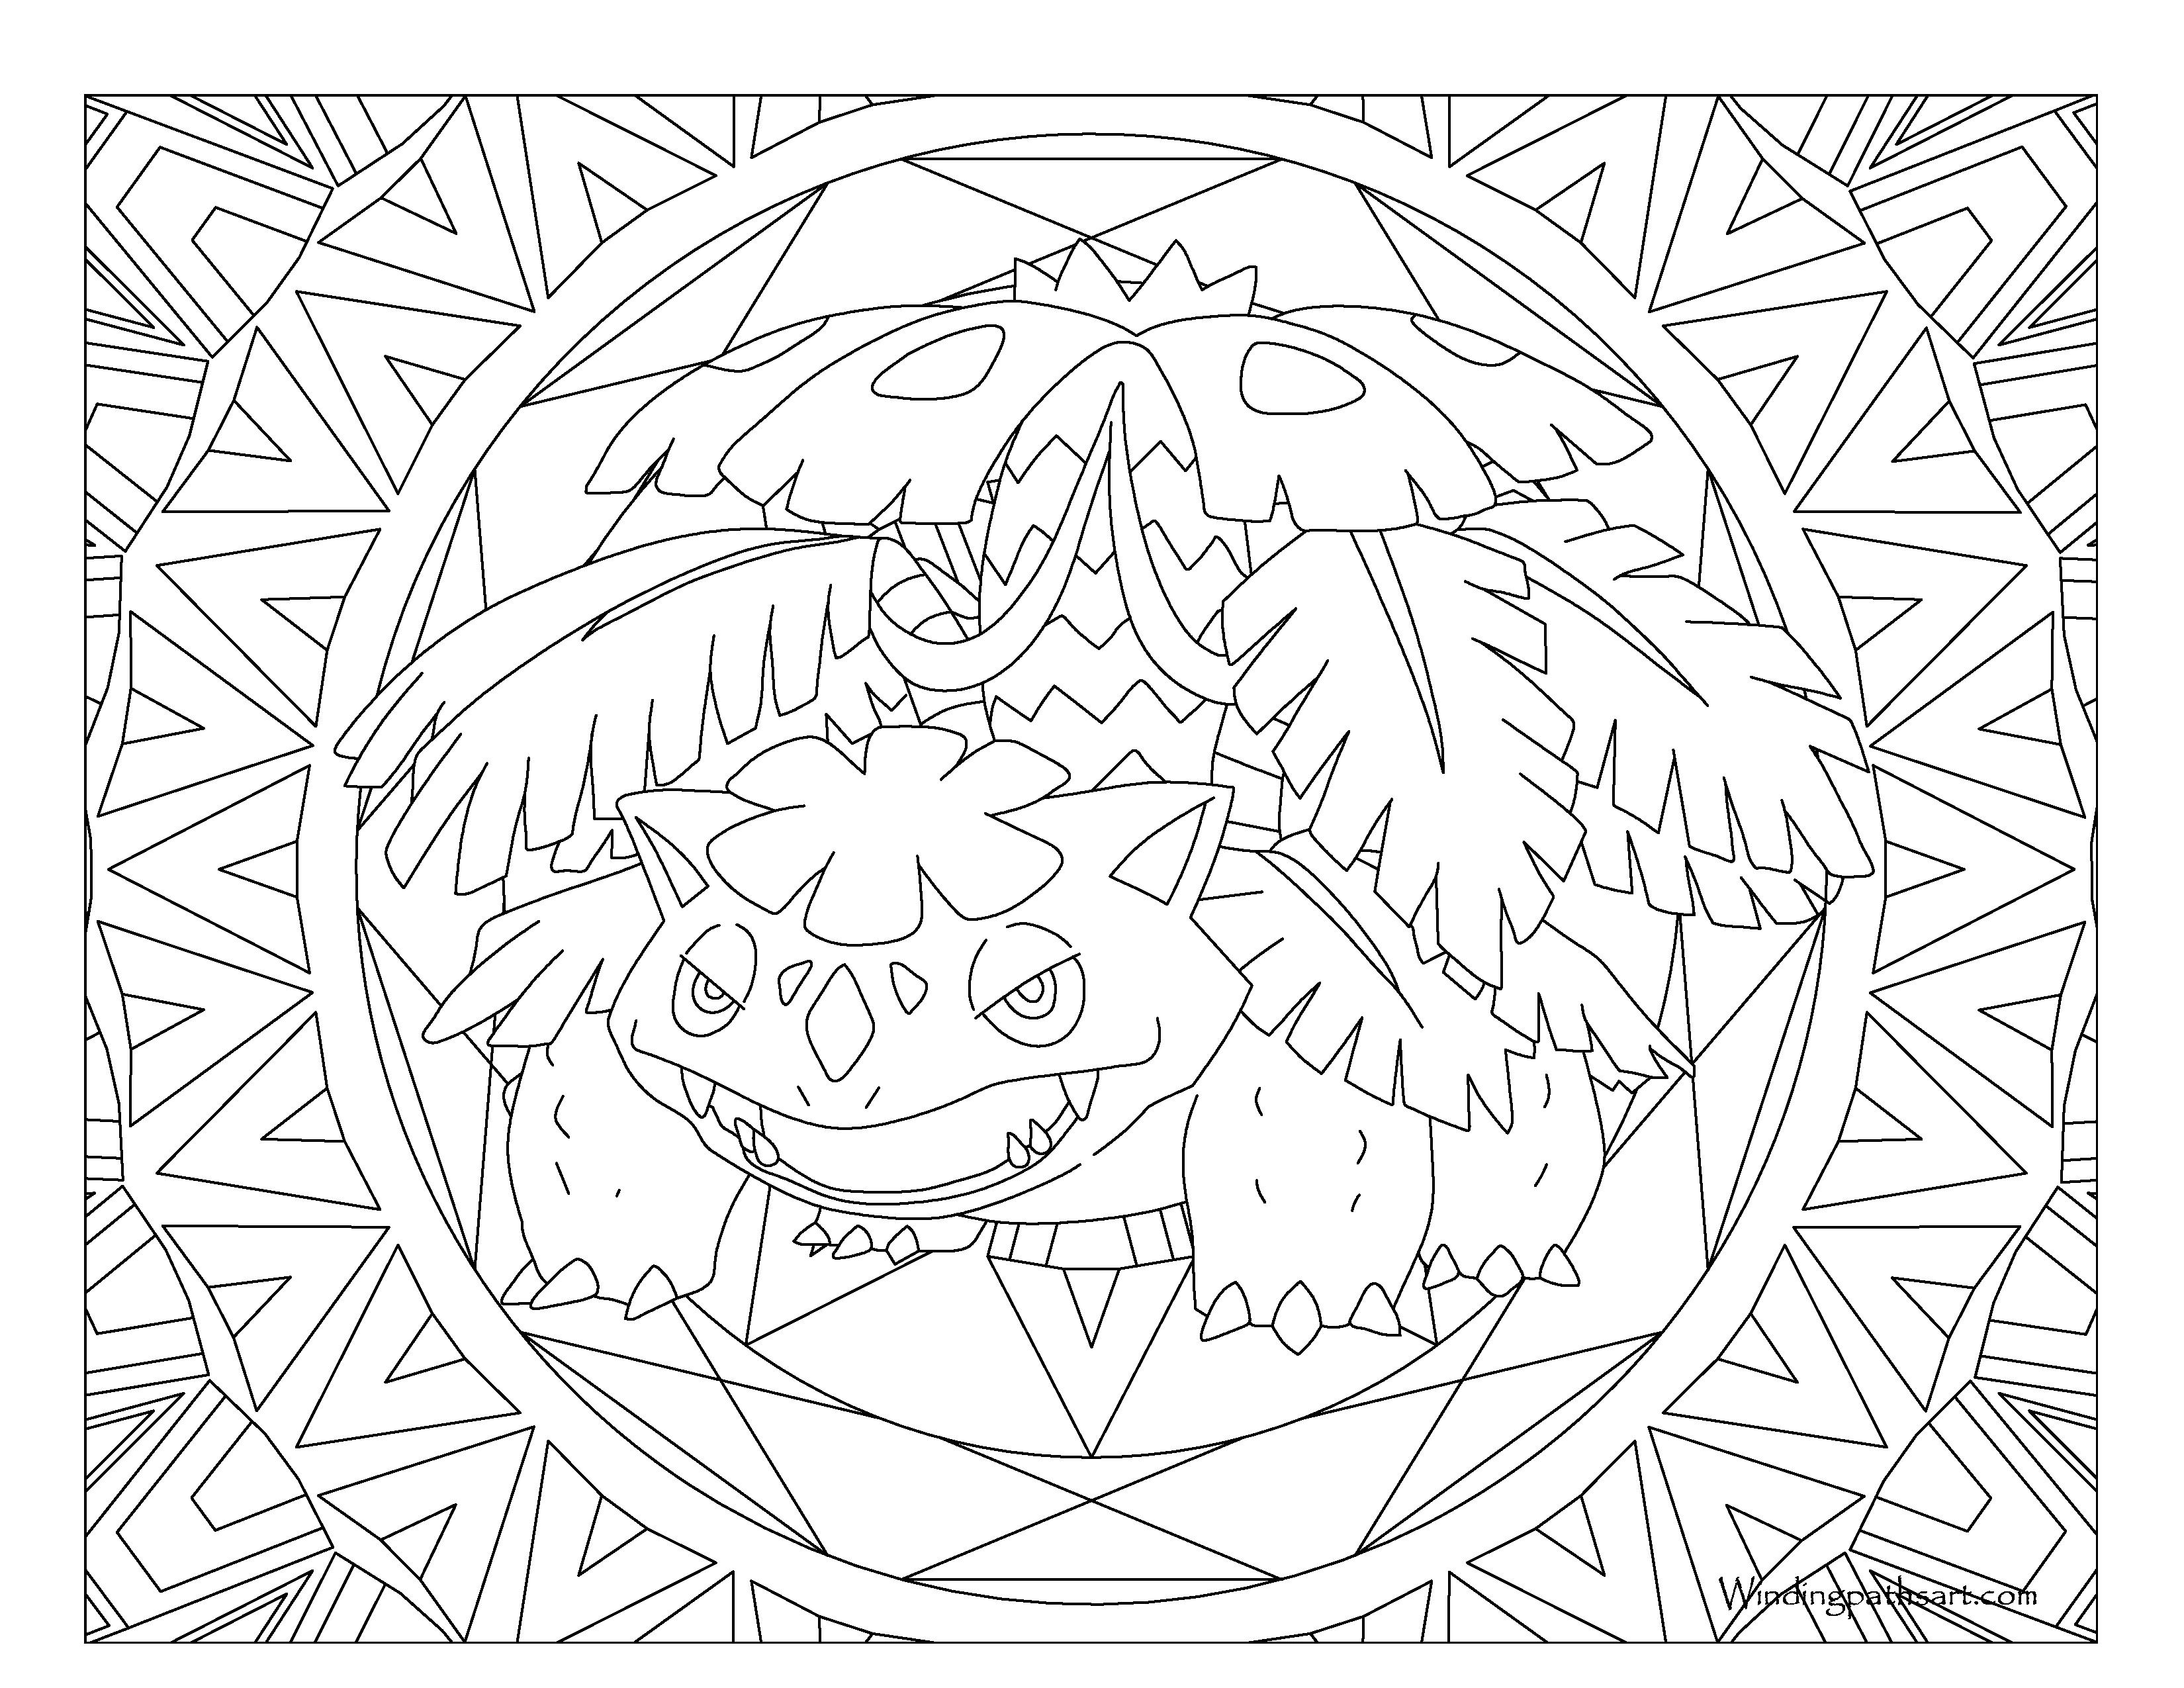 3300x2550 Venusaur Pokemon Coloring Page